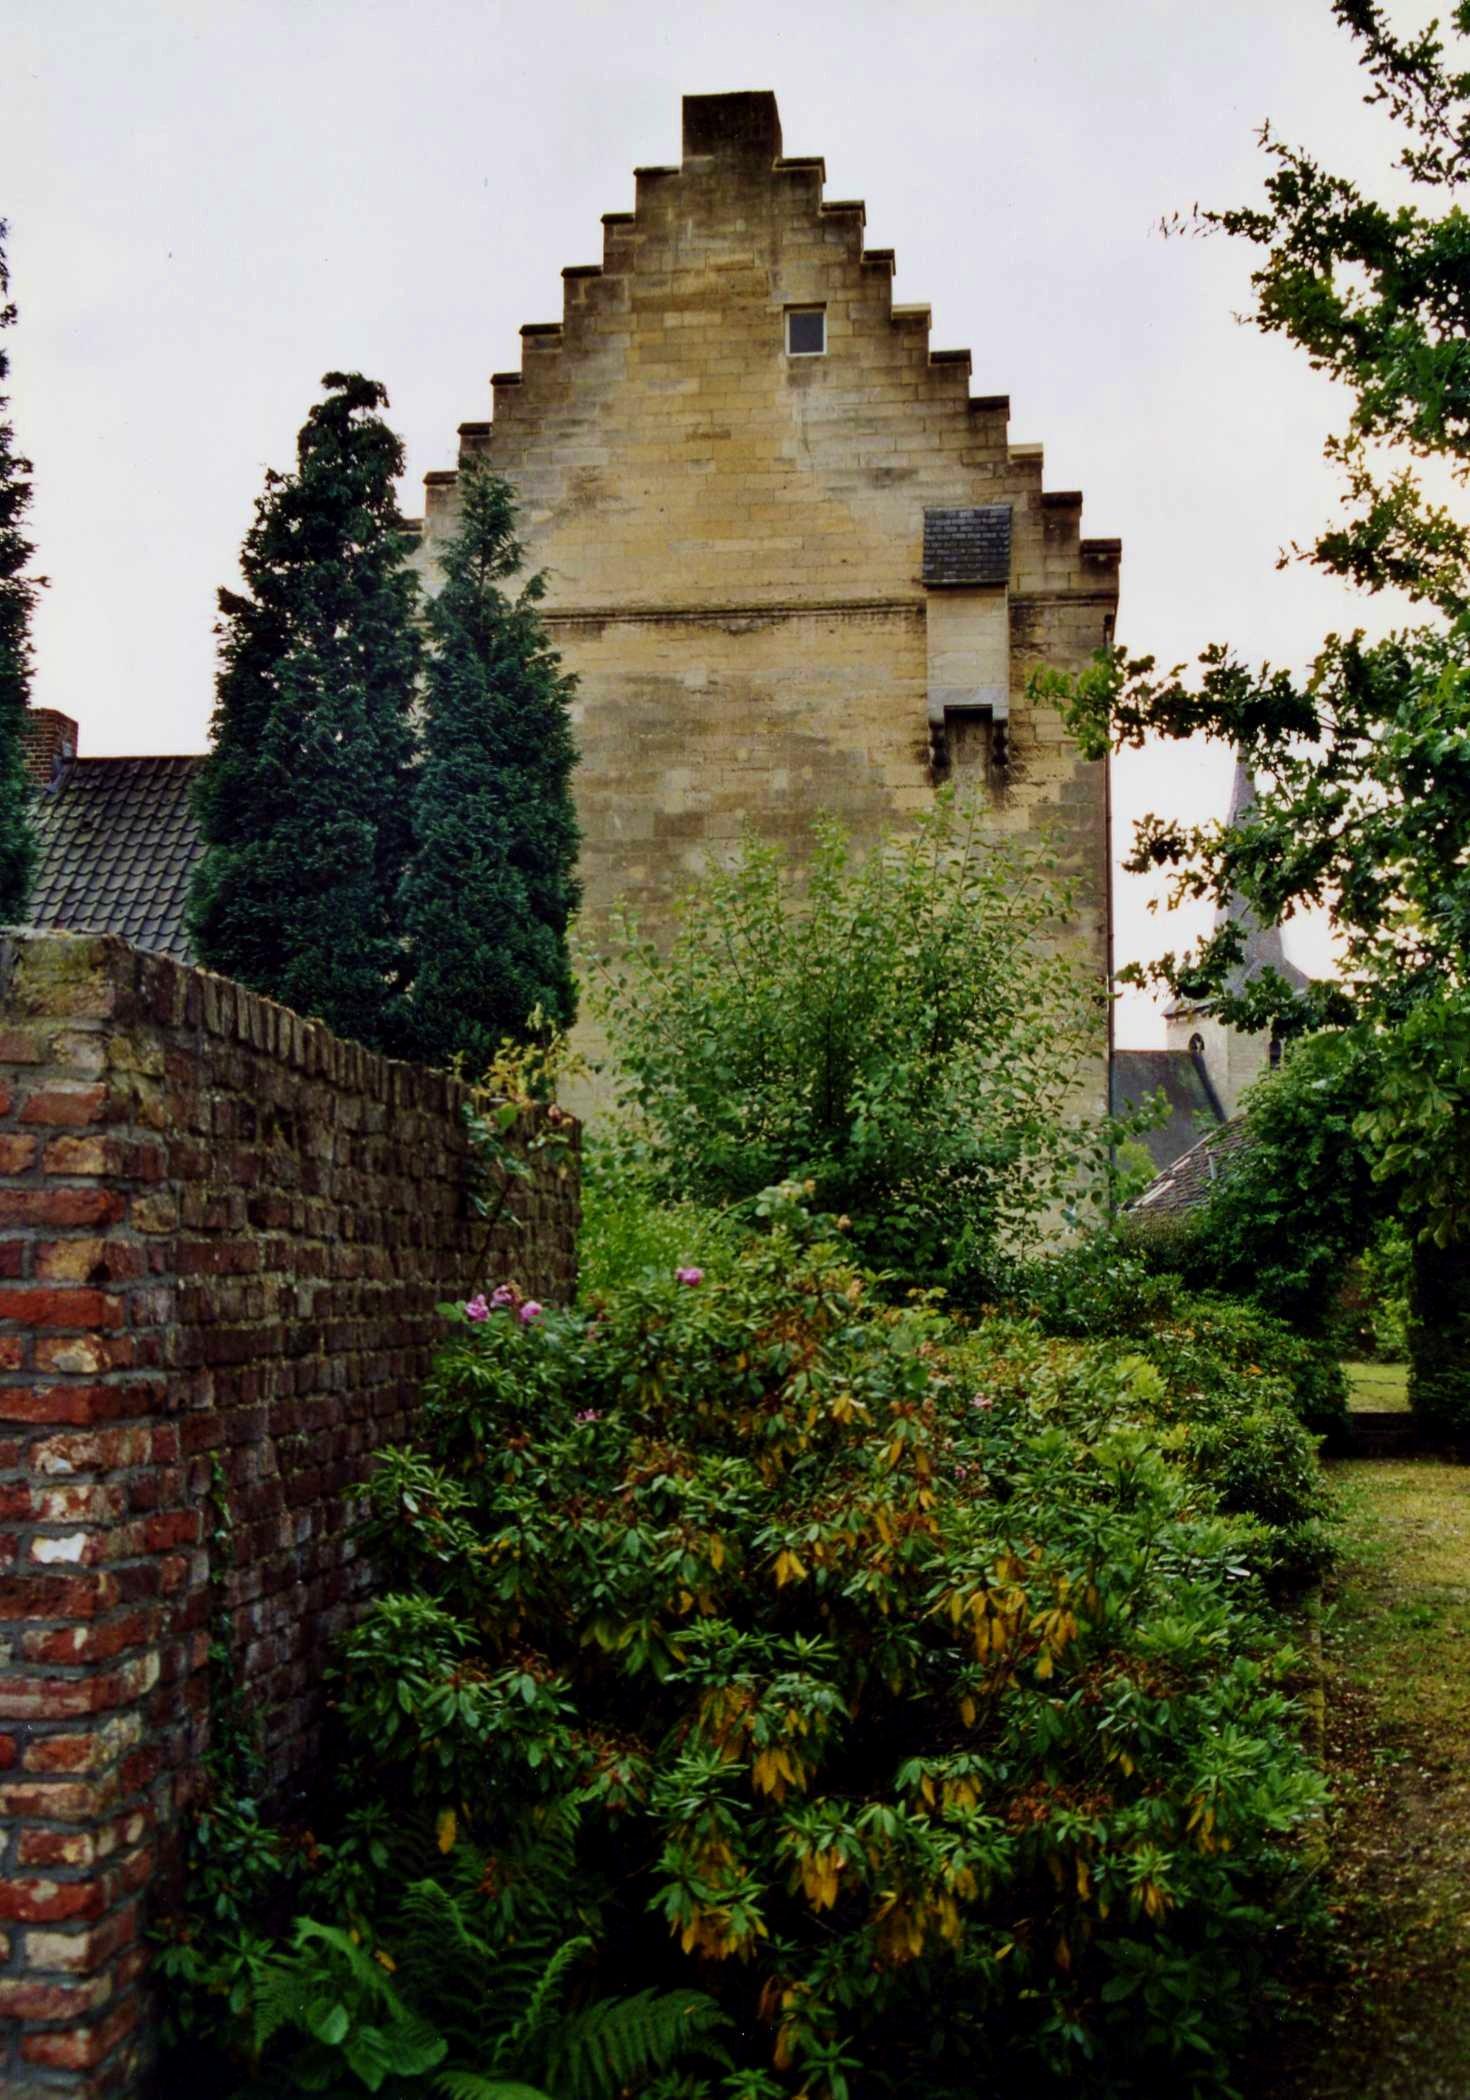 Het stenen huis mergel met zadeldak afgesloten door trapgevels in sint geertruid monument - Stenen huis uitbreiding ...